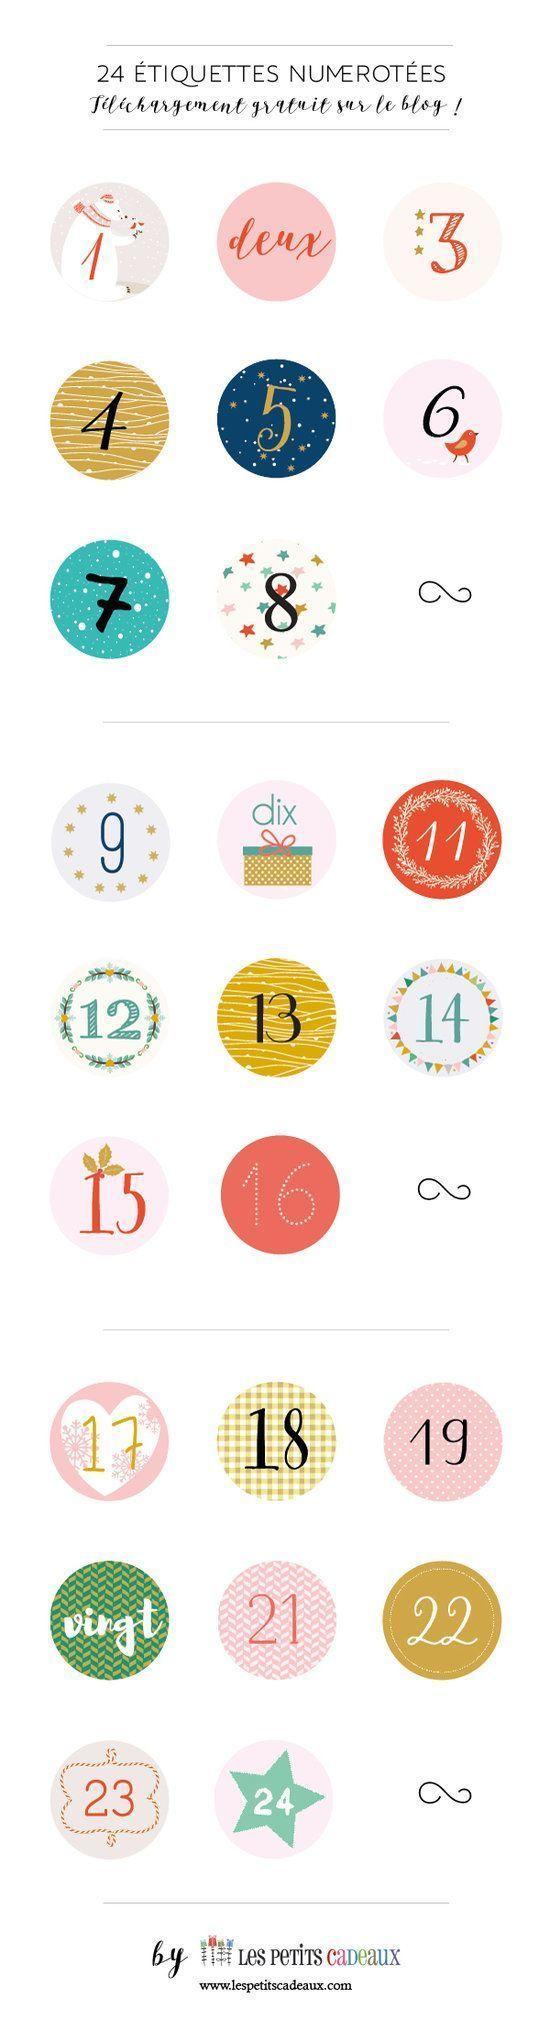 24 jolis stickers pour le calendrier de l'Avent (...) #calendrierdel#39;aventdiy 24 jolis stickers pour le calendrier de l'Avent (...) #calendrierdel#39;avent 24 jolis stickers pour le calendrier de l'Avent (...) #calendrierdel#39;aventdiy 24 jolis stickers pour le calendrier de l'Avent (...) #numerocalendrieraventaimprimer 24 jolis stickers pour le calendrier de l'Avent (...) #calendrierdel#39;aventdiy 24 jolis stickers pour le calendrier de l'Avent (...) #calendrierdel#39;avent 24 jolis sticke #etiquettesnoelaimprimer